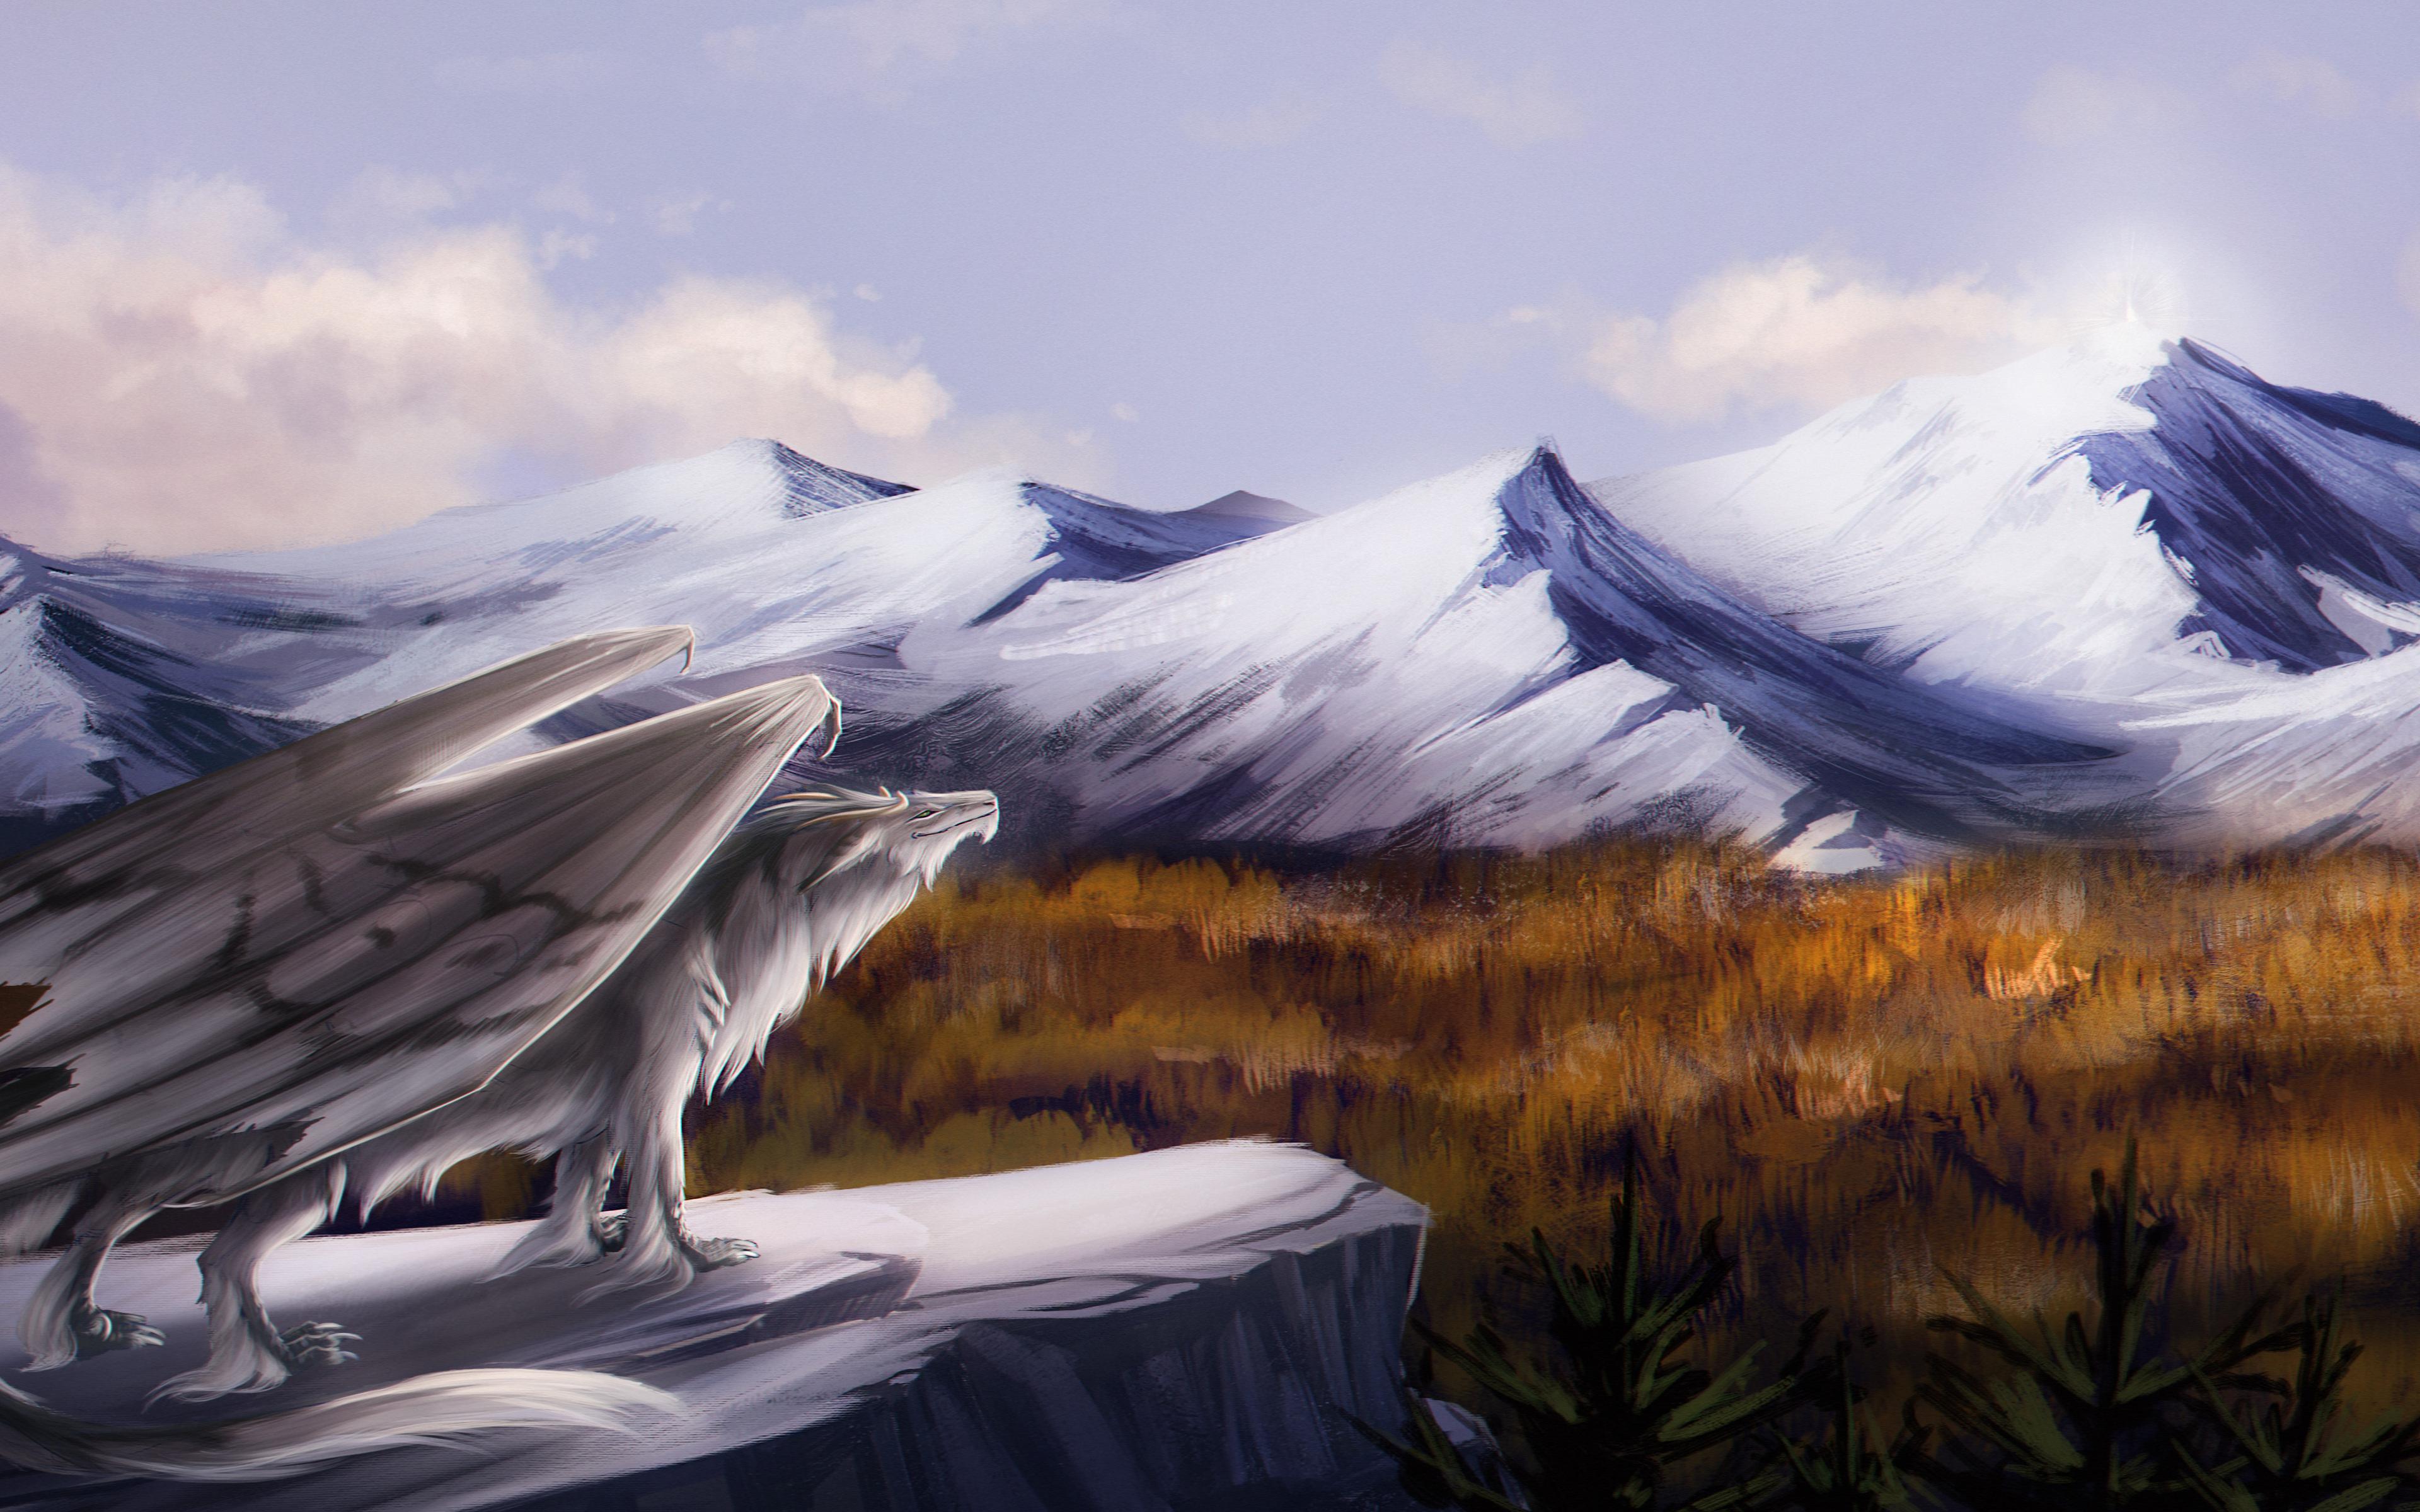 Cool Wallpaper Mountain Fantasy - dragon-feral-landscape-fantasy-mountain-art-5k-pv-3840x2400  2018_918485.jpg